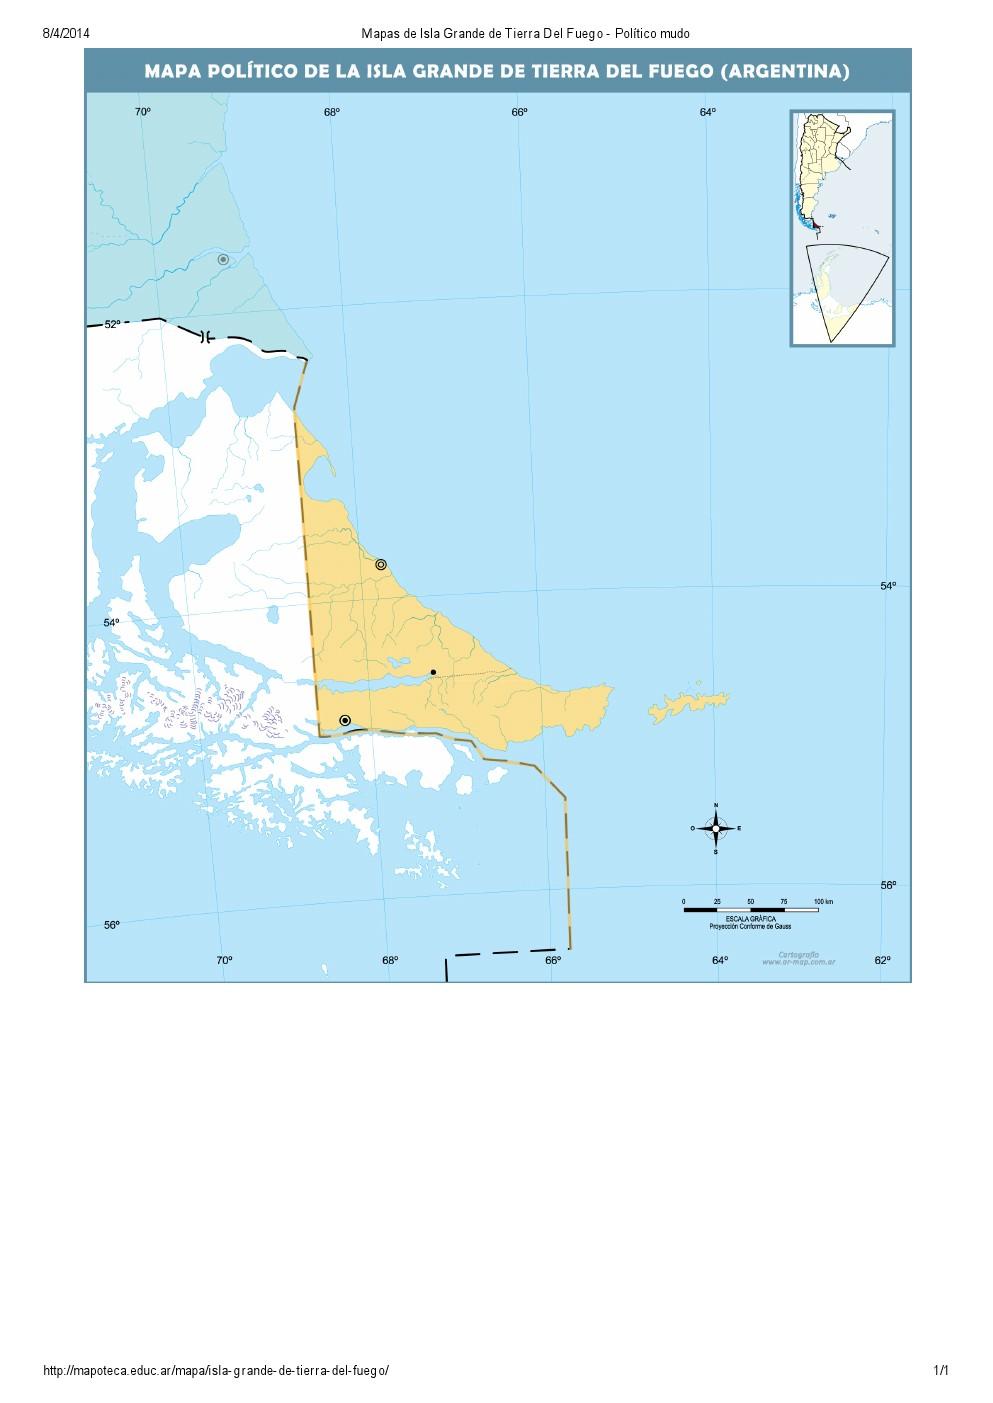 Mapa mudo de capitales de Isla Grande de Tierra del Fuego. Mapoteca de Educ.ar